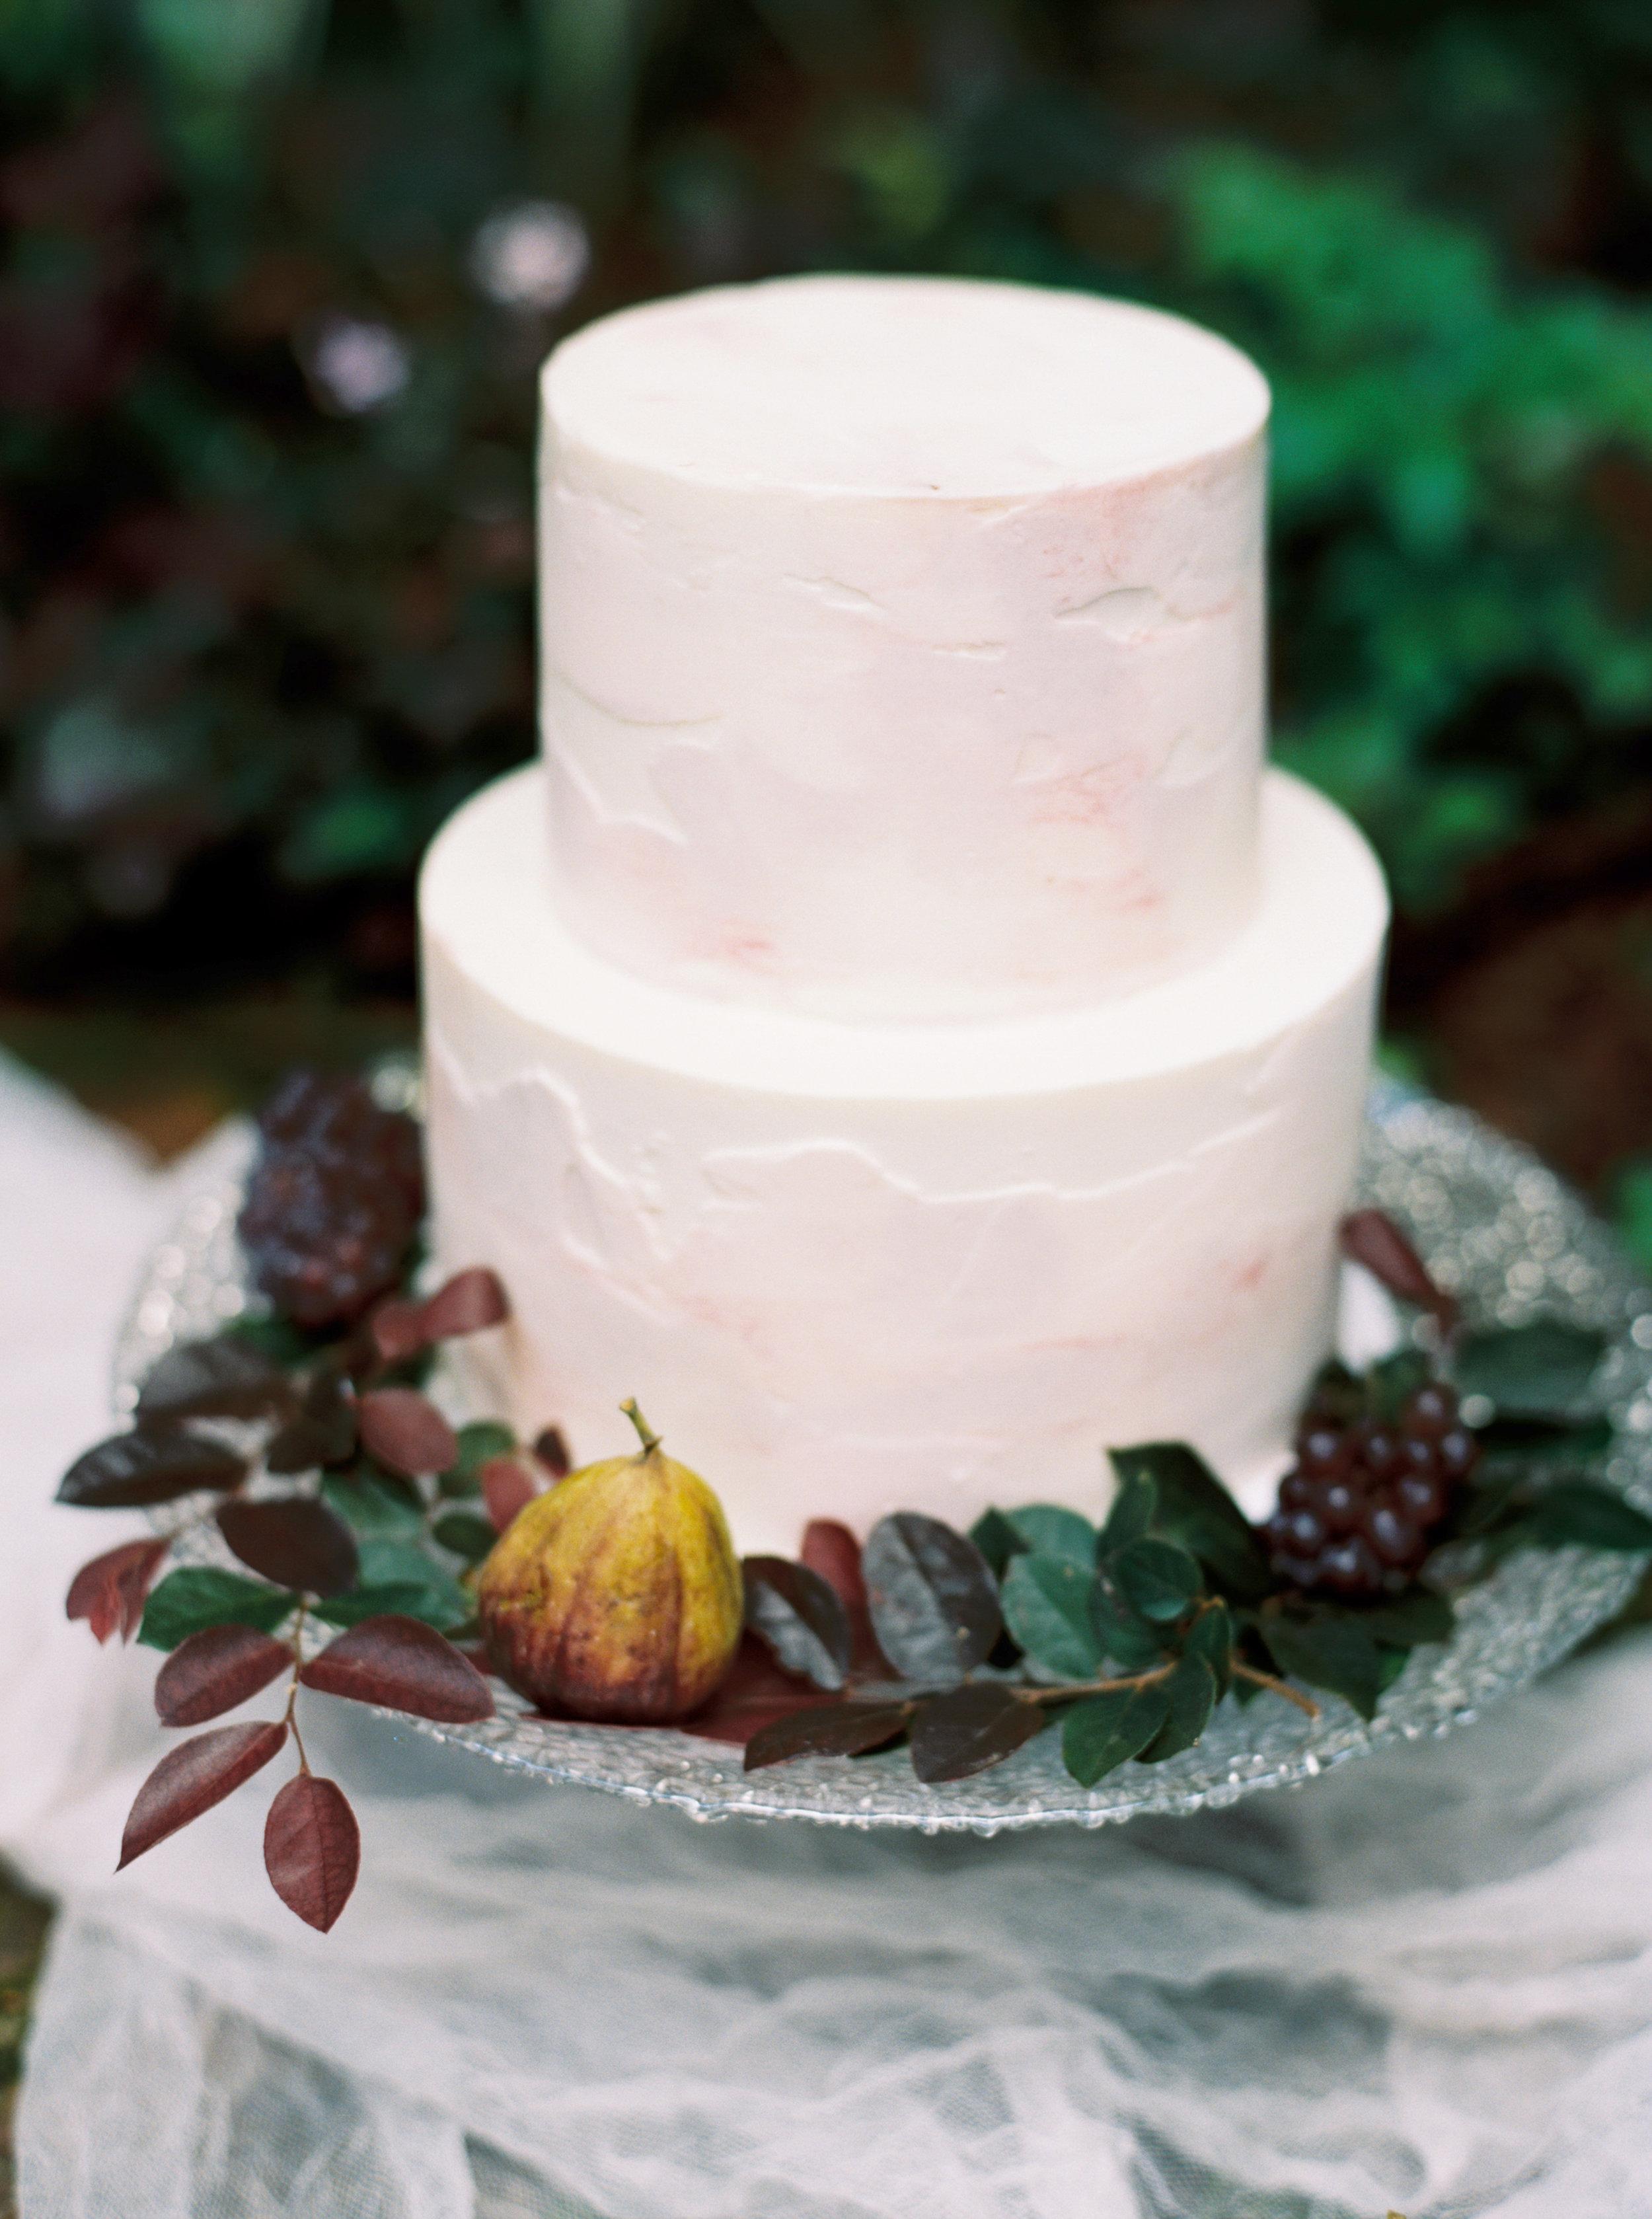 Wahoo_Grill_Atlanta_Indian_Wedding_Abigail_Malone_Photgoraphy_FIlm-60.jpg